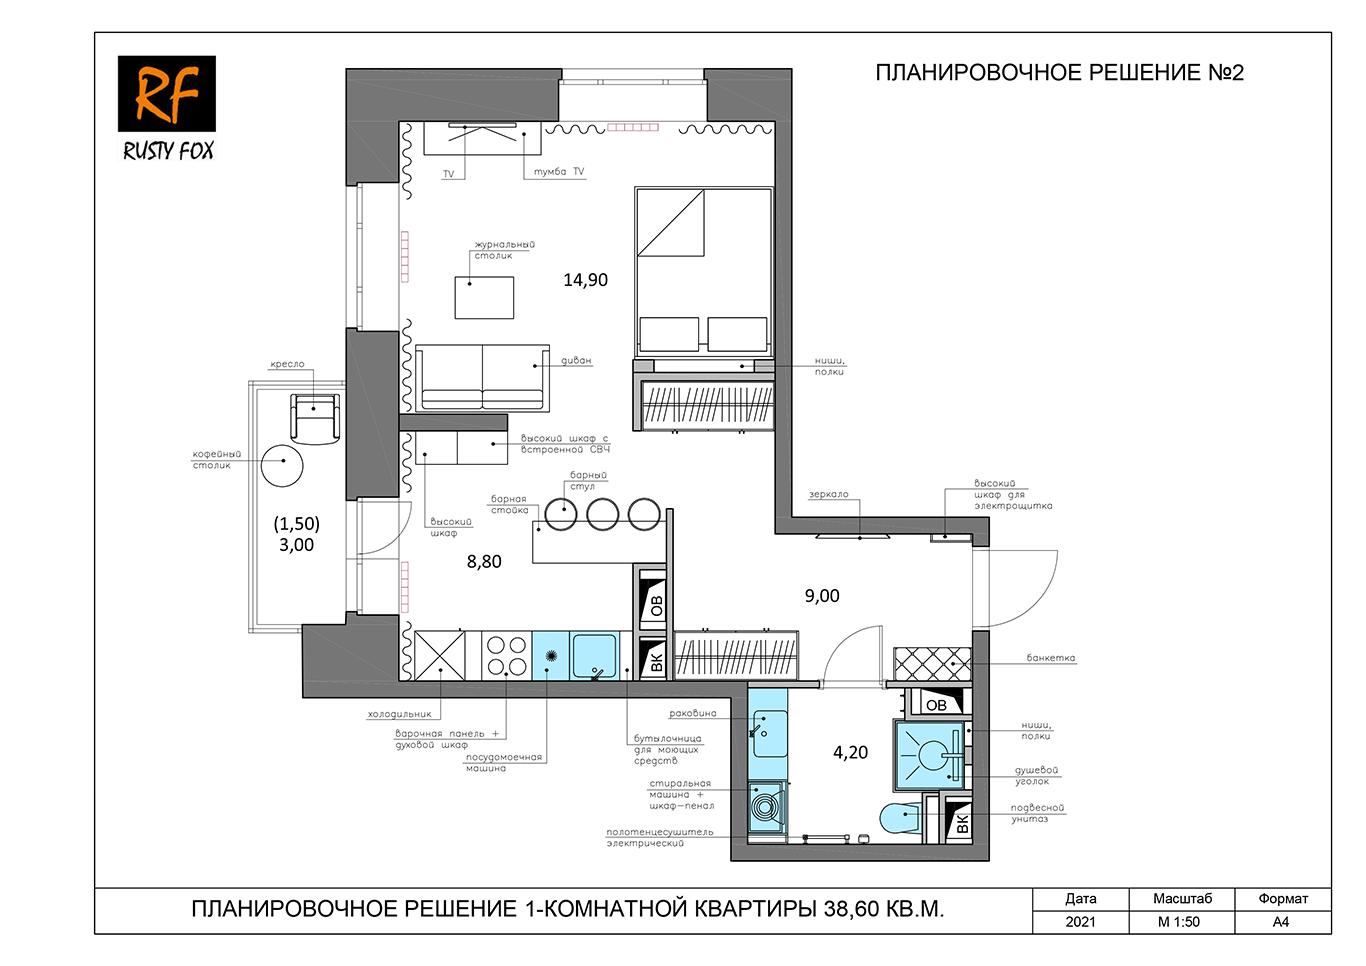 ЖК Люберцы корпус 54. Планировочное решение №2 1-комнотная квартира 38,60 кв.м.